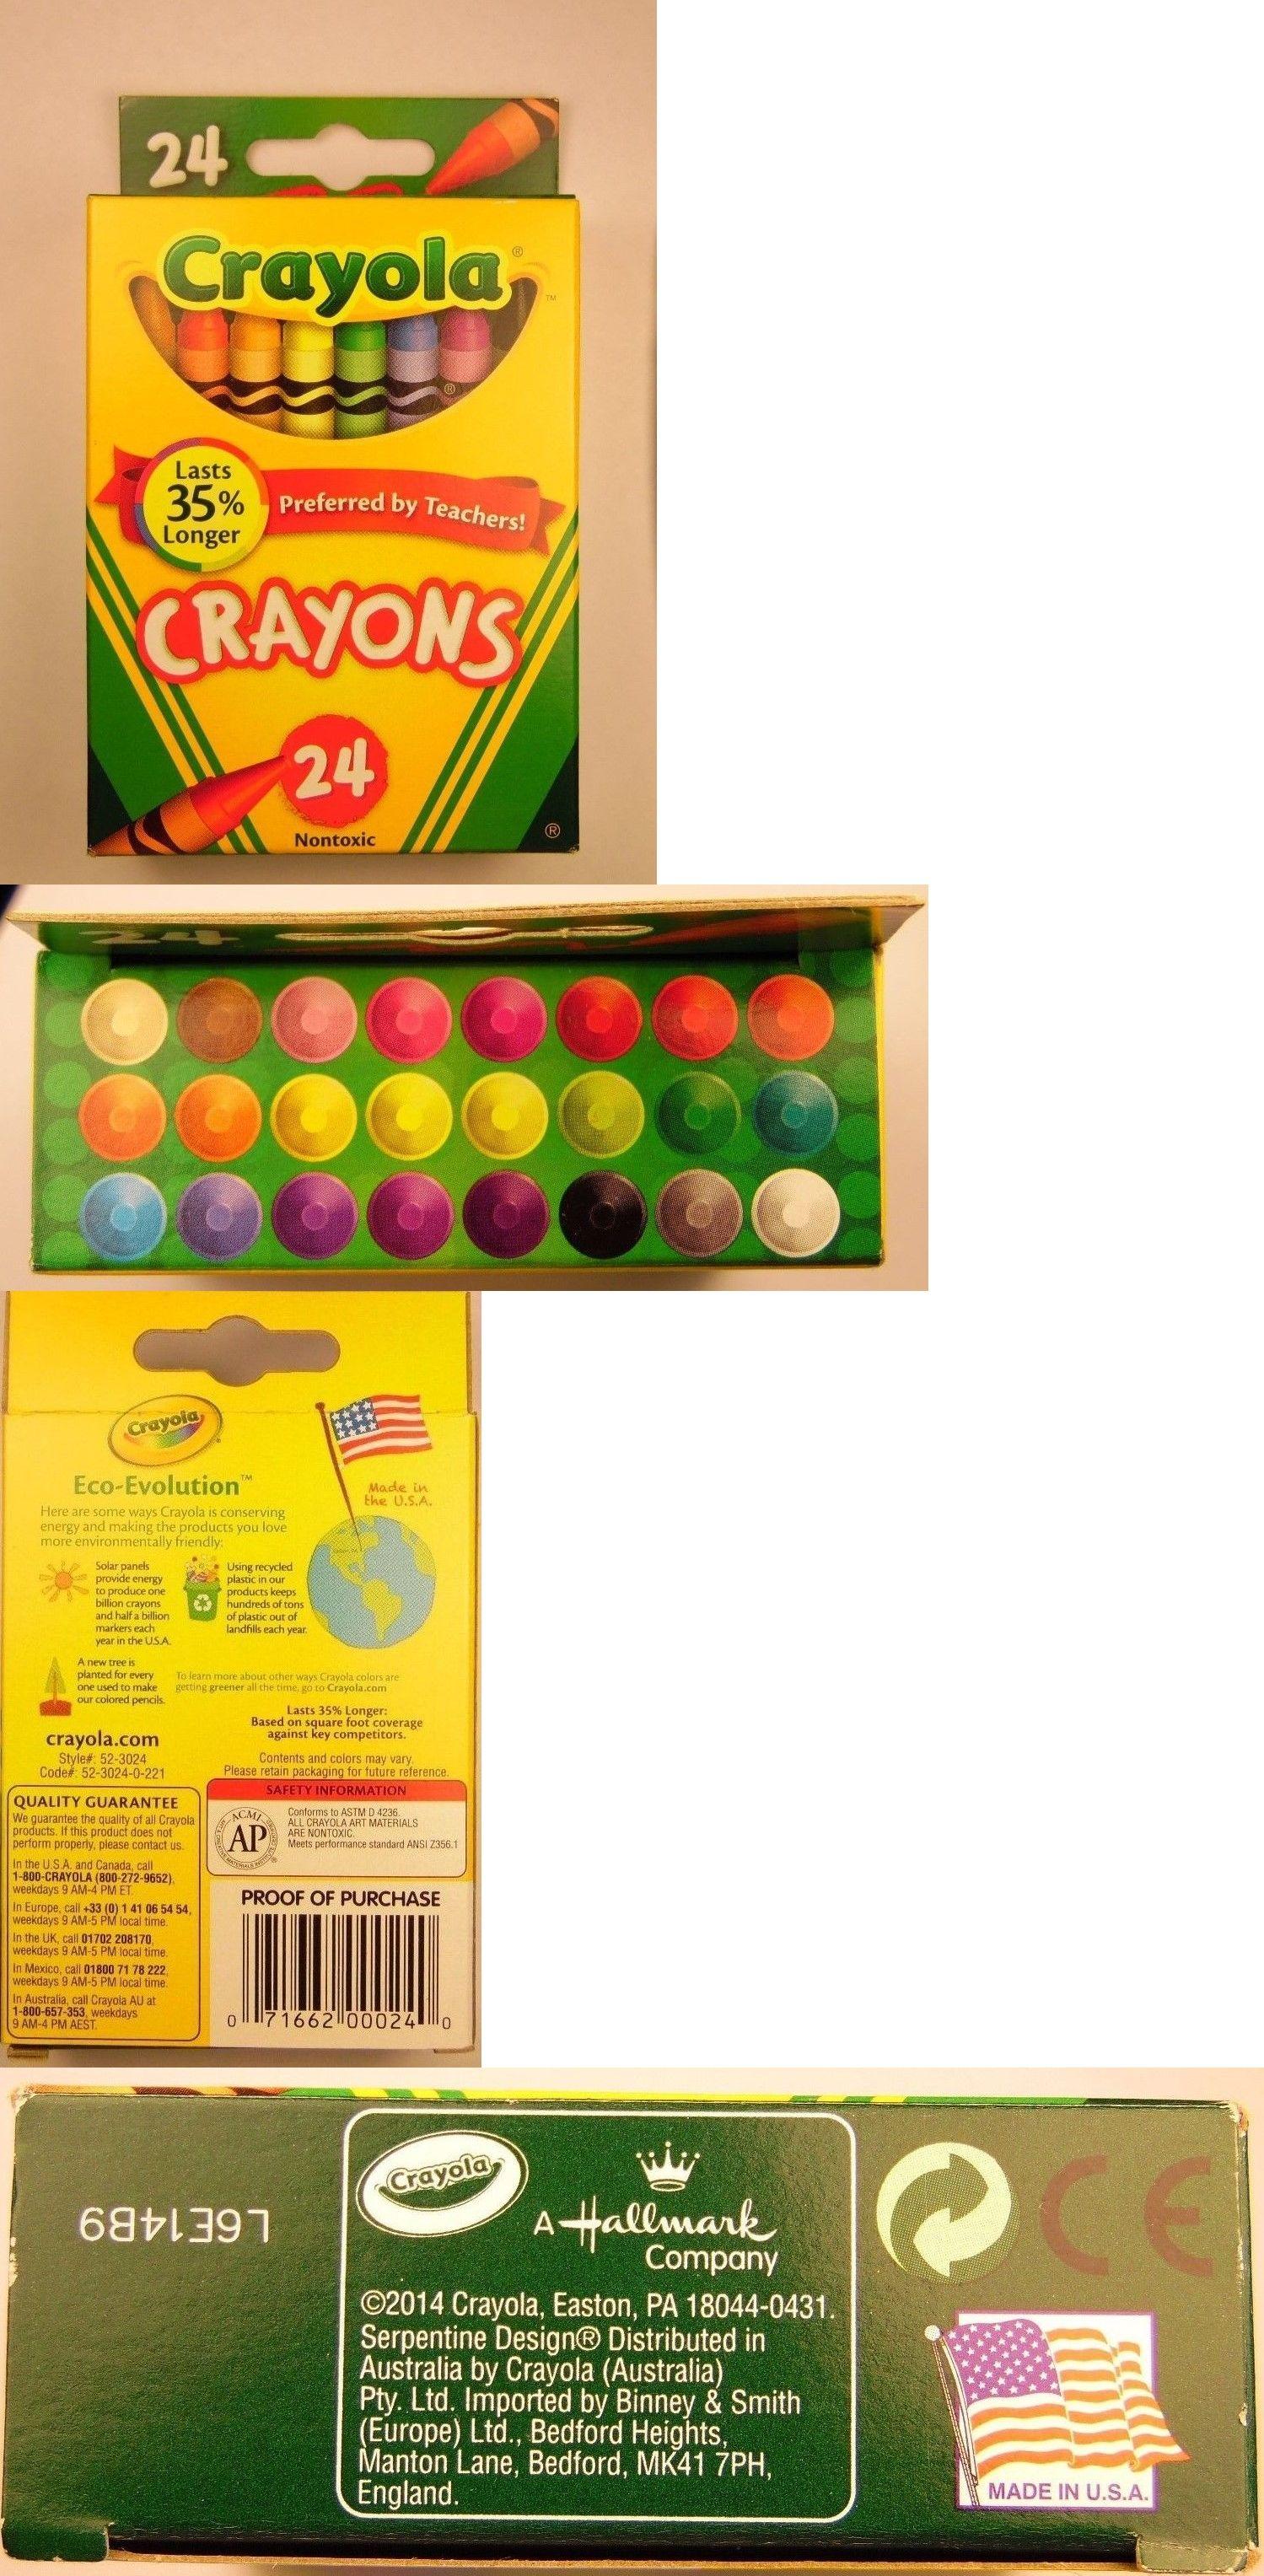 crayons 116653 crayola crayons 24 count box 30 pack nontoxic new